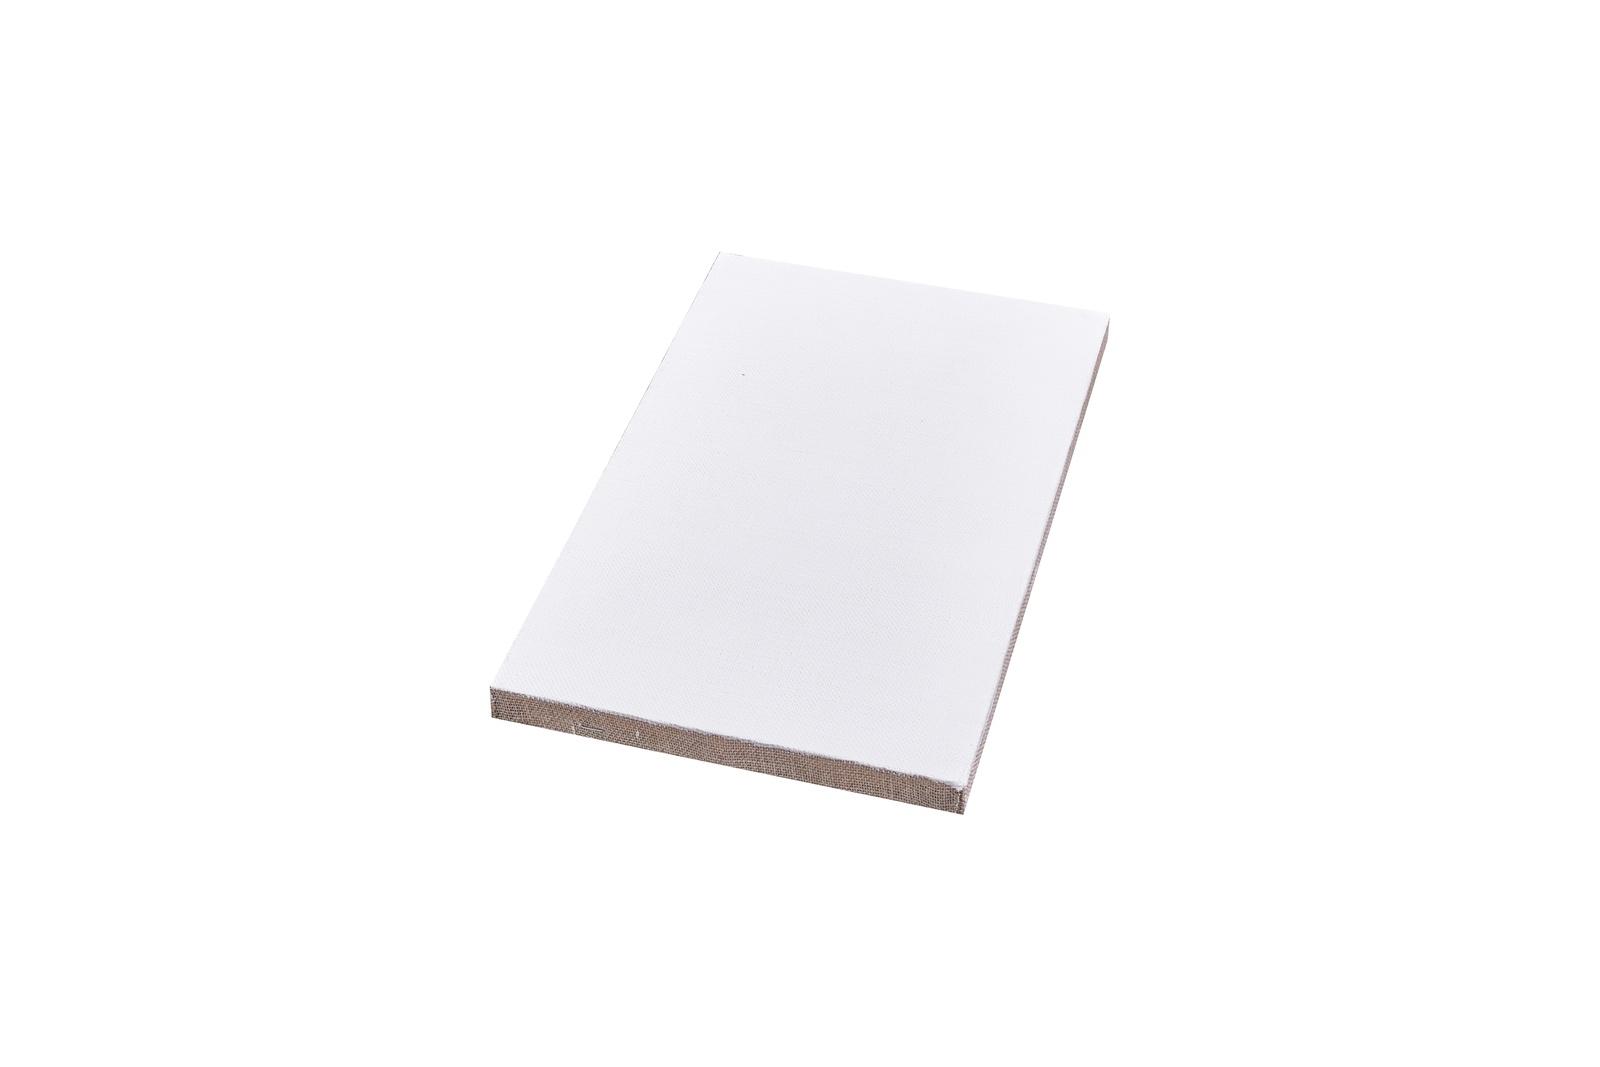 Холст Туюкан МелкозернистыйТ0003852Холст на подрамнике мелкозернистый компании «Туюкан» состоит из 100% льна, имеет гладкую фактуру и предназначен для масляной и акриловой живописи. Производится холст из льна высокого качества – прочные волокна устойчивы к механическим повреждениям, истиранию и деформациям, отлично выдерживают влажность и перепады температур. Кроме того, льняной холст не склонен к провисанию. Это значит, что спустя годы картина не потрескается, а цвет краски и ее качество останется неизменным. Неслучайно льняной холст считается «благородным» материалом в художественной традиции. Гладкая фактура льняной ткани позволяет накладывать один слой краски за другим, поэтому мелкозернистый холст так хорошо подходит для лессировочной техники. Такой тип холста предназначен для детальных проработок. Идеальный выбор для создания портретной живописи. Холст компании «Туюкан» имеет три слоя проклейки, а также два слоя эмульсионного грунта и полностью готов к работе. А благодаря модульному подрамнику любые искривления холста легко корректируются с помощью клиньев. Дополнительные характеристики: - плотность: 180г/м2; - фактура: полотняное переплетение; - размер: 70х90 см; - подрамник: сборный.